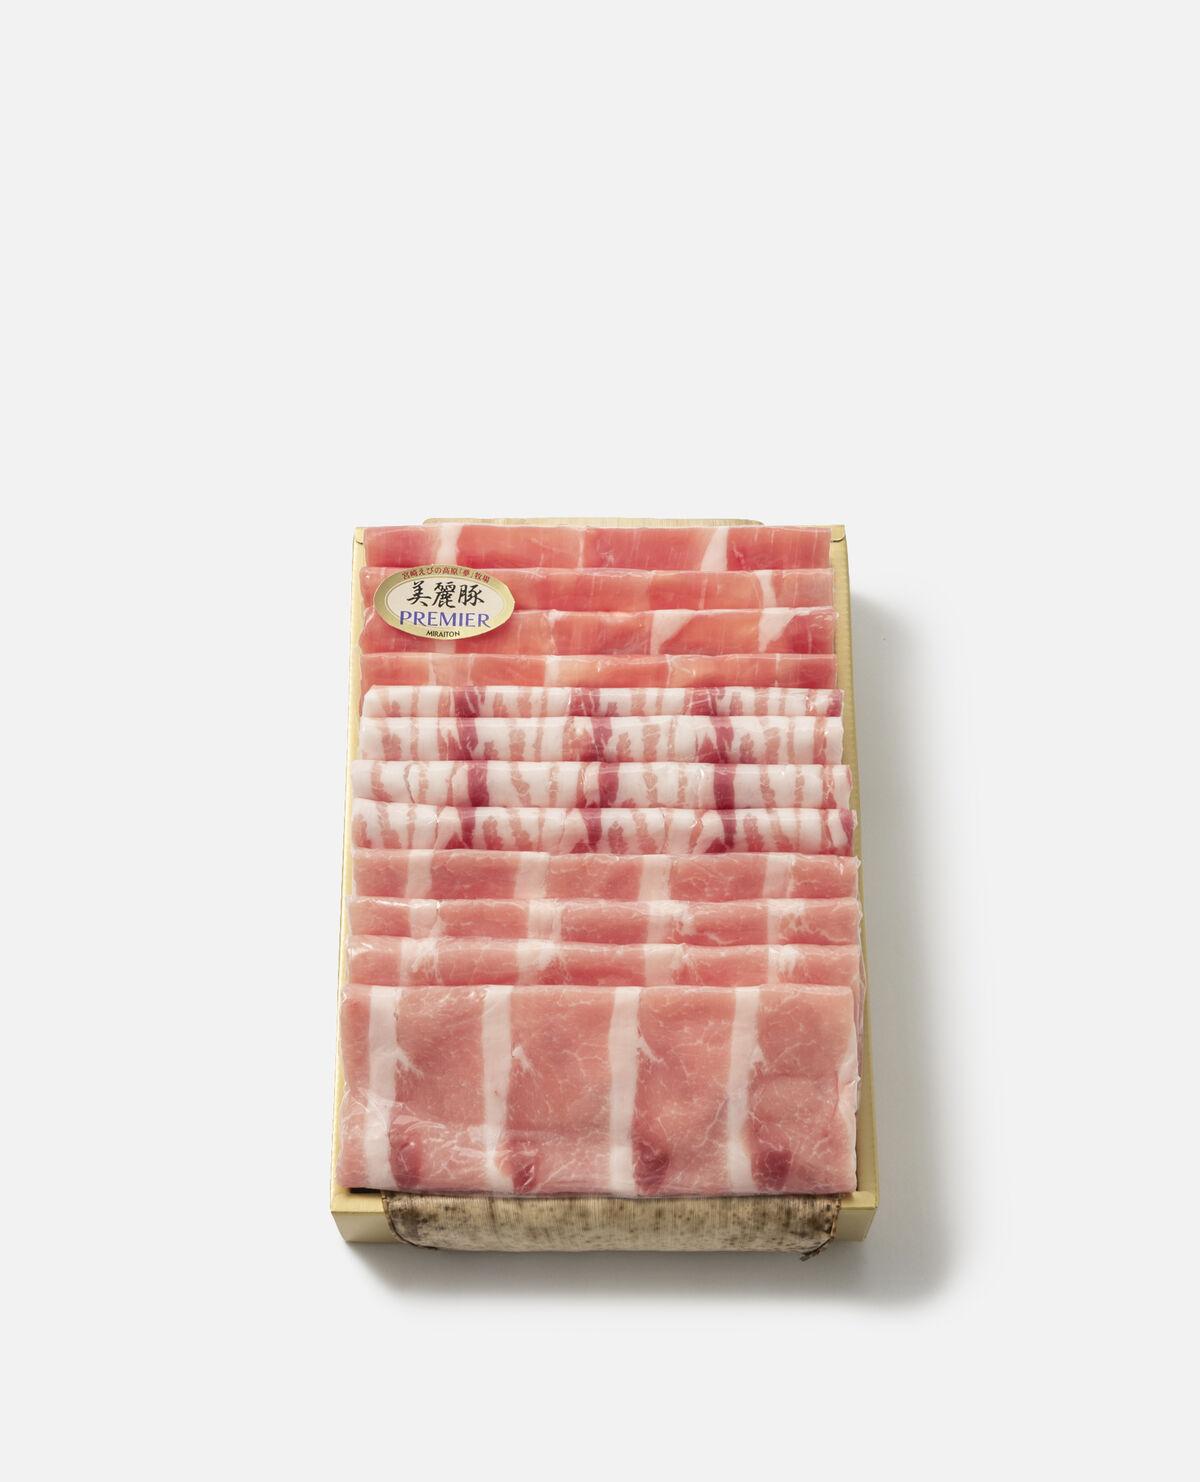 宮崎県産プレミアム美麗豚うす切り詰合せ